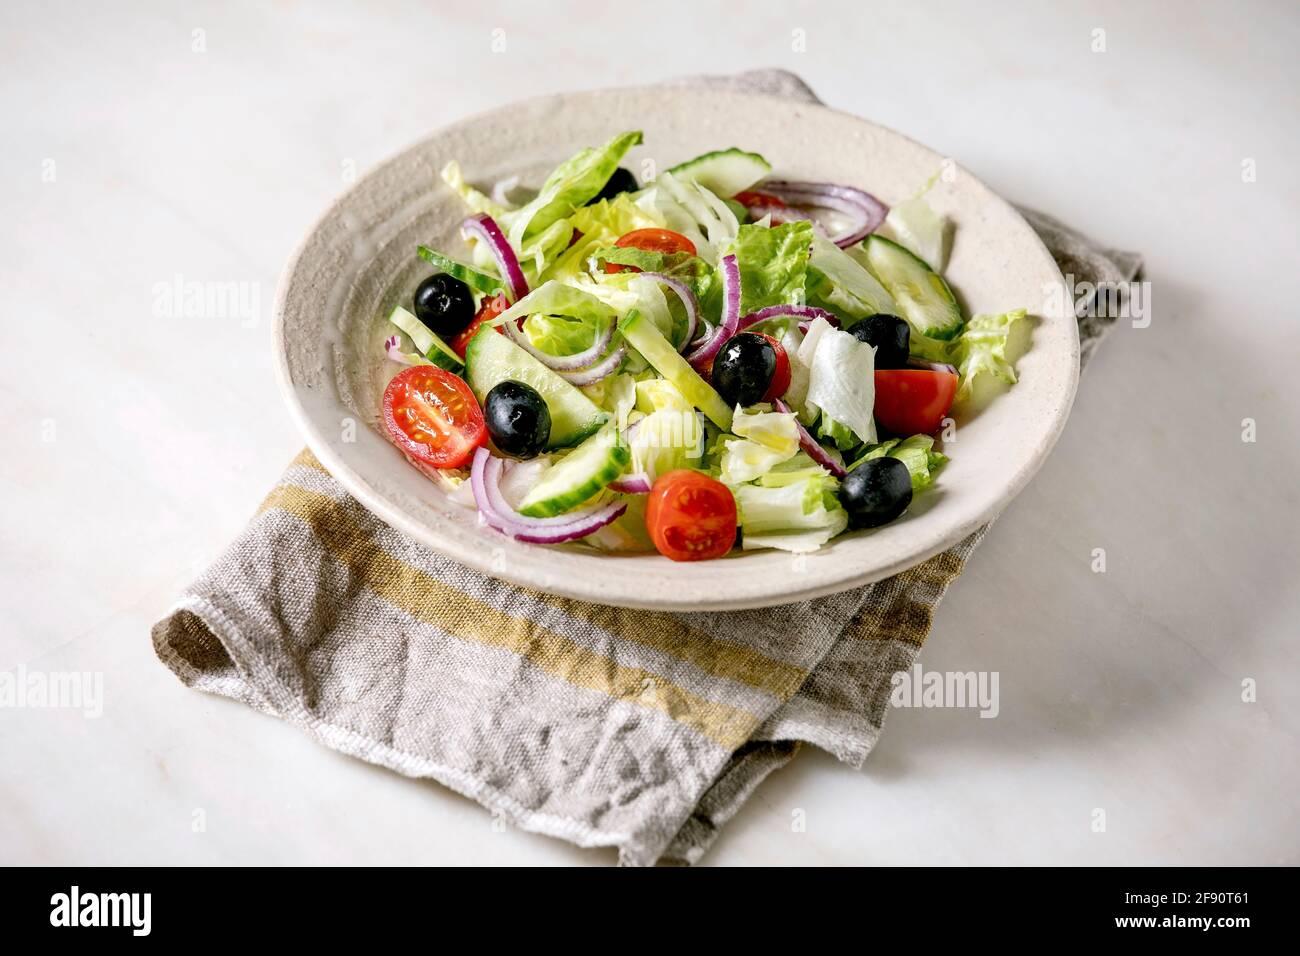 Insalata di verdure classiche con pomodori, cetrioli, cipolle, foglie di insalata e olive nere in piastra bianca in ceramica su tovagliolo di stoffa. Sfondo in marmo bianco. Foto Stock